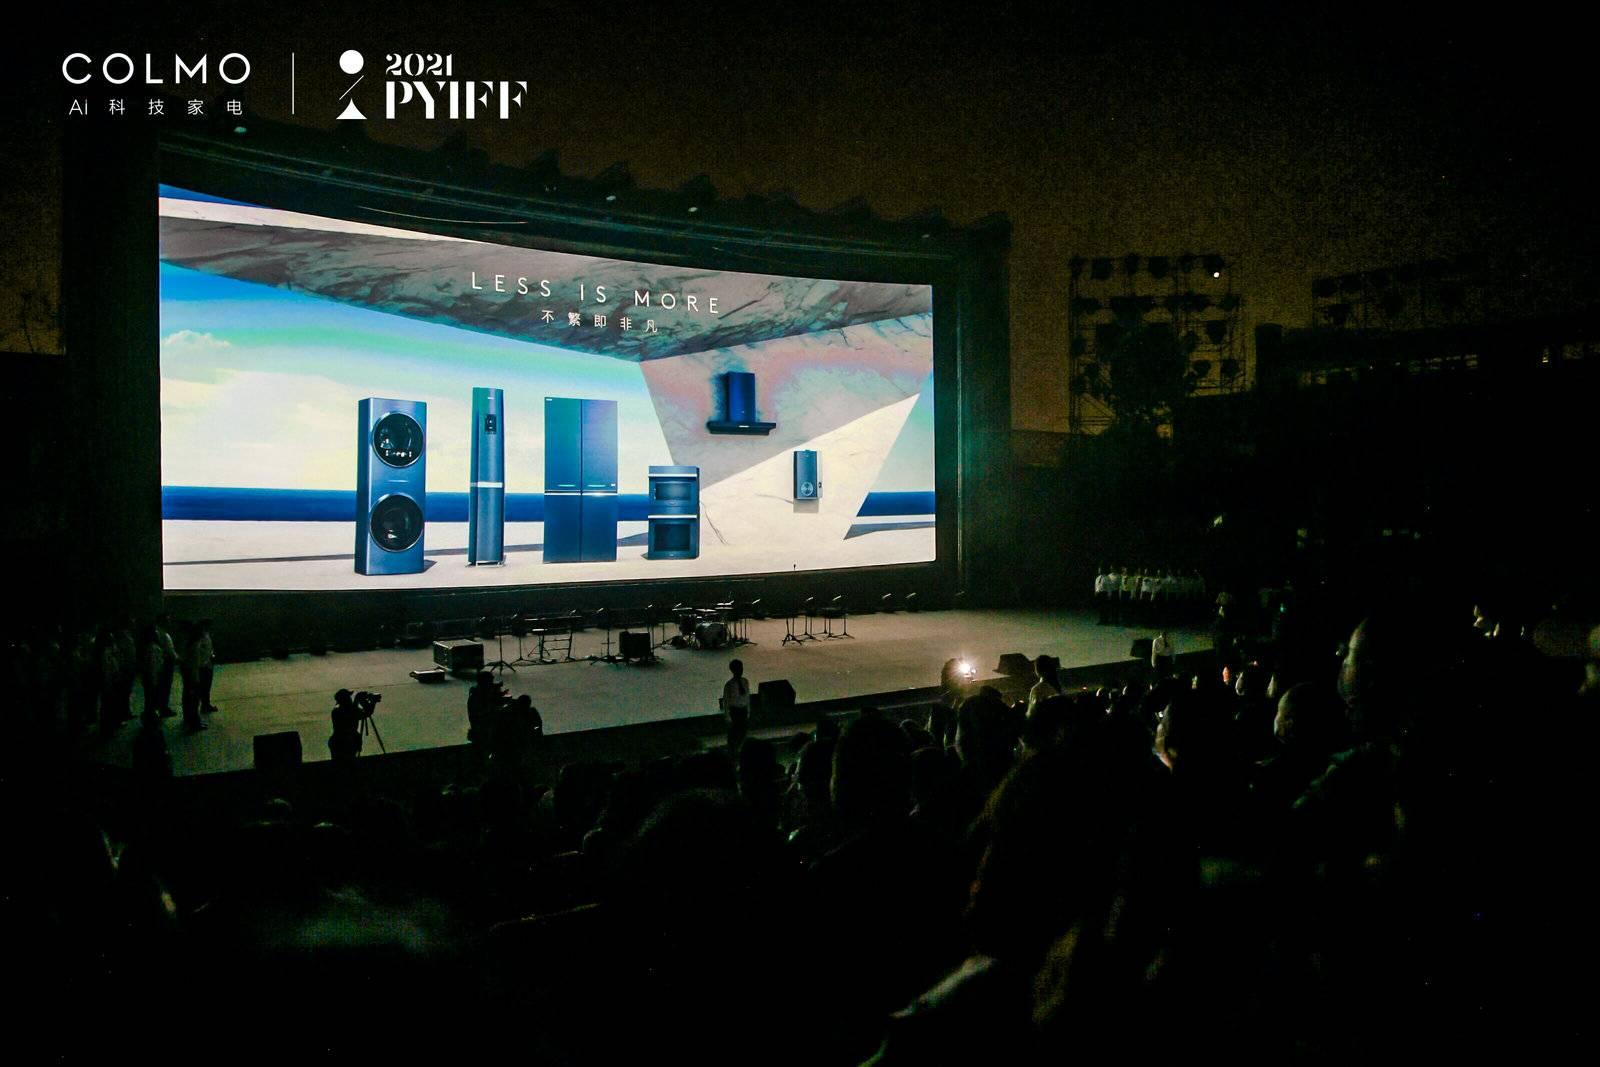 COLMO助力平遥国际电影展,探索理享生活新动力